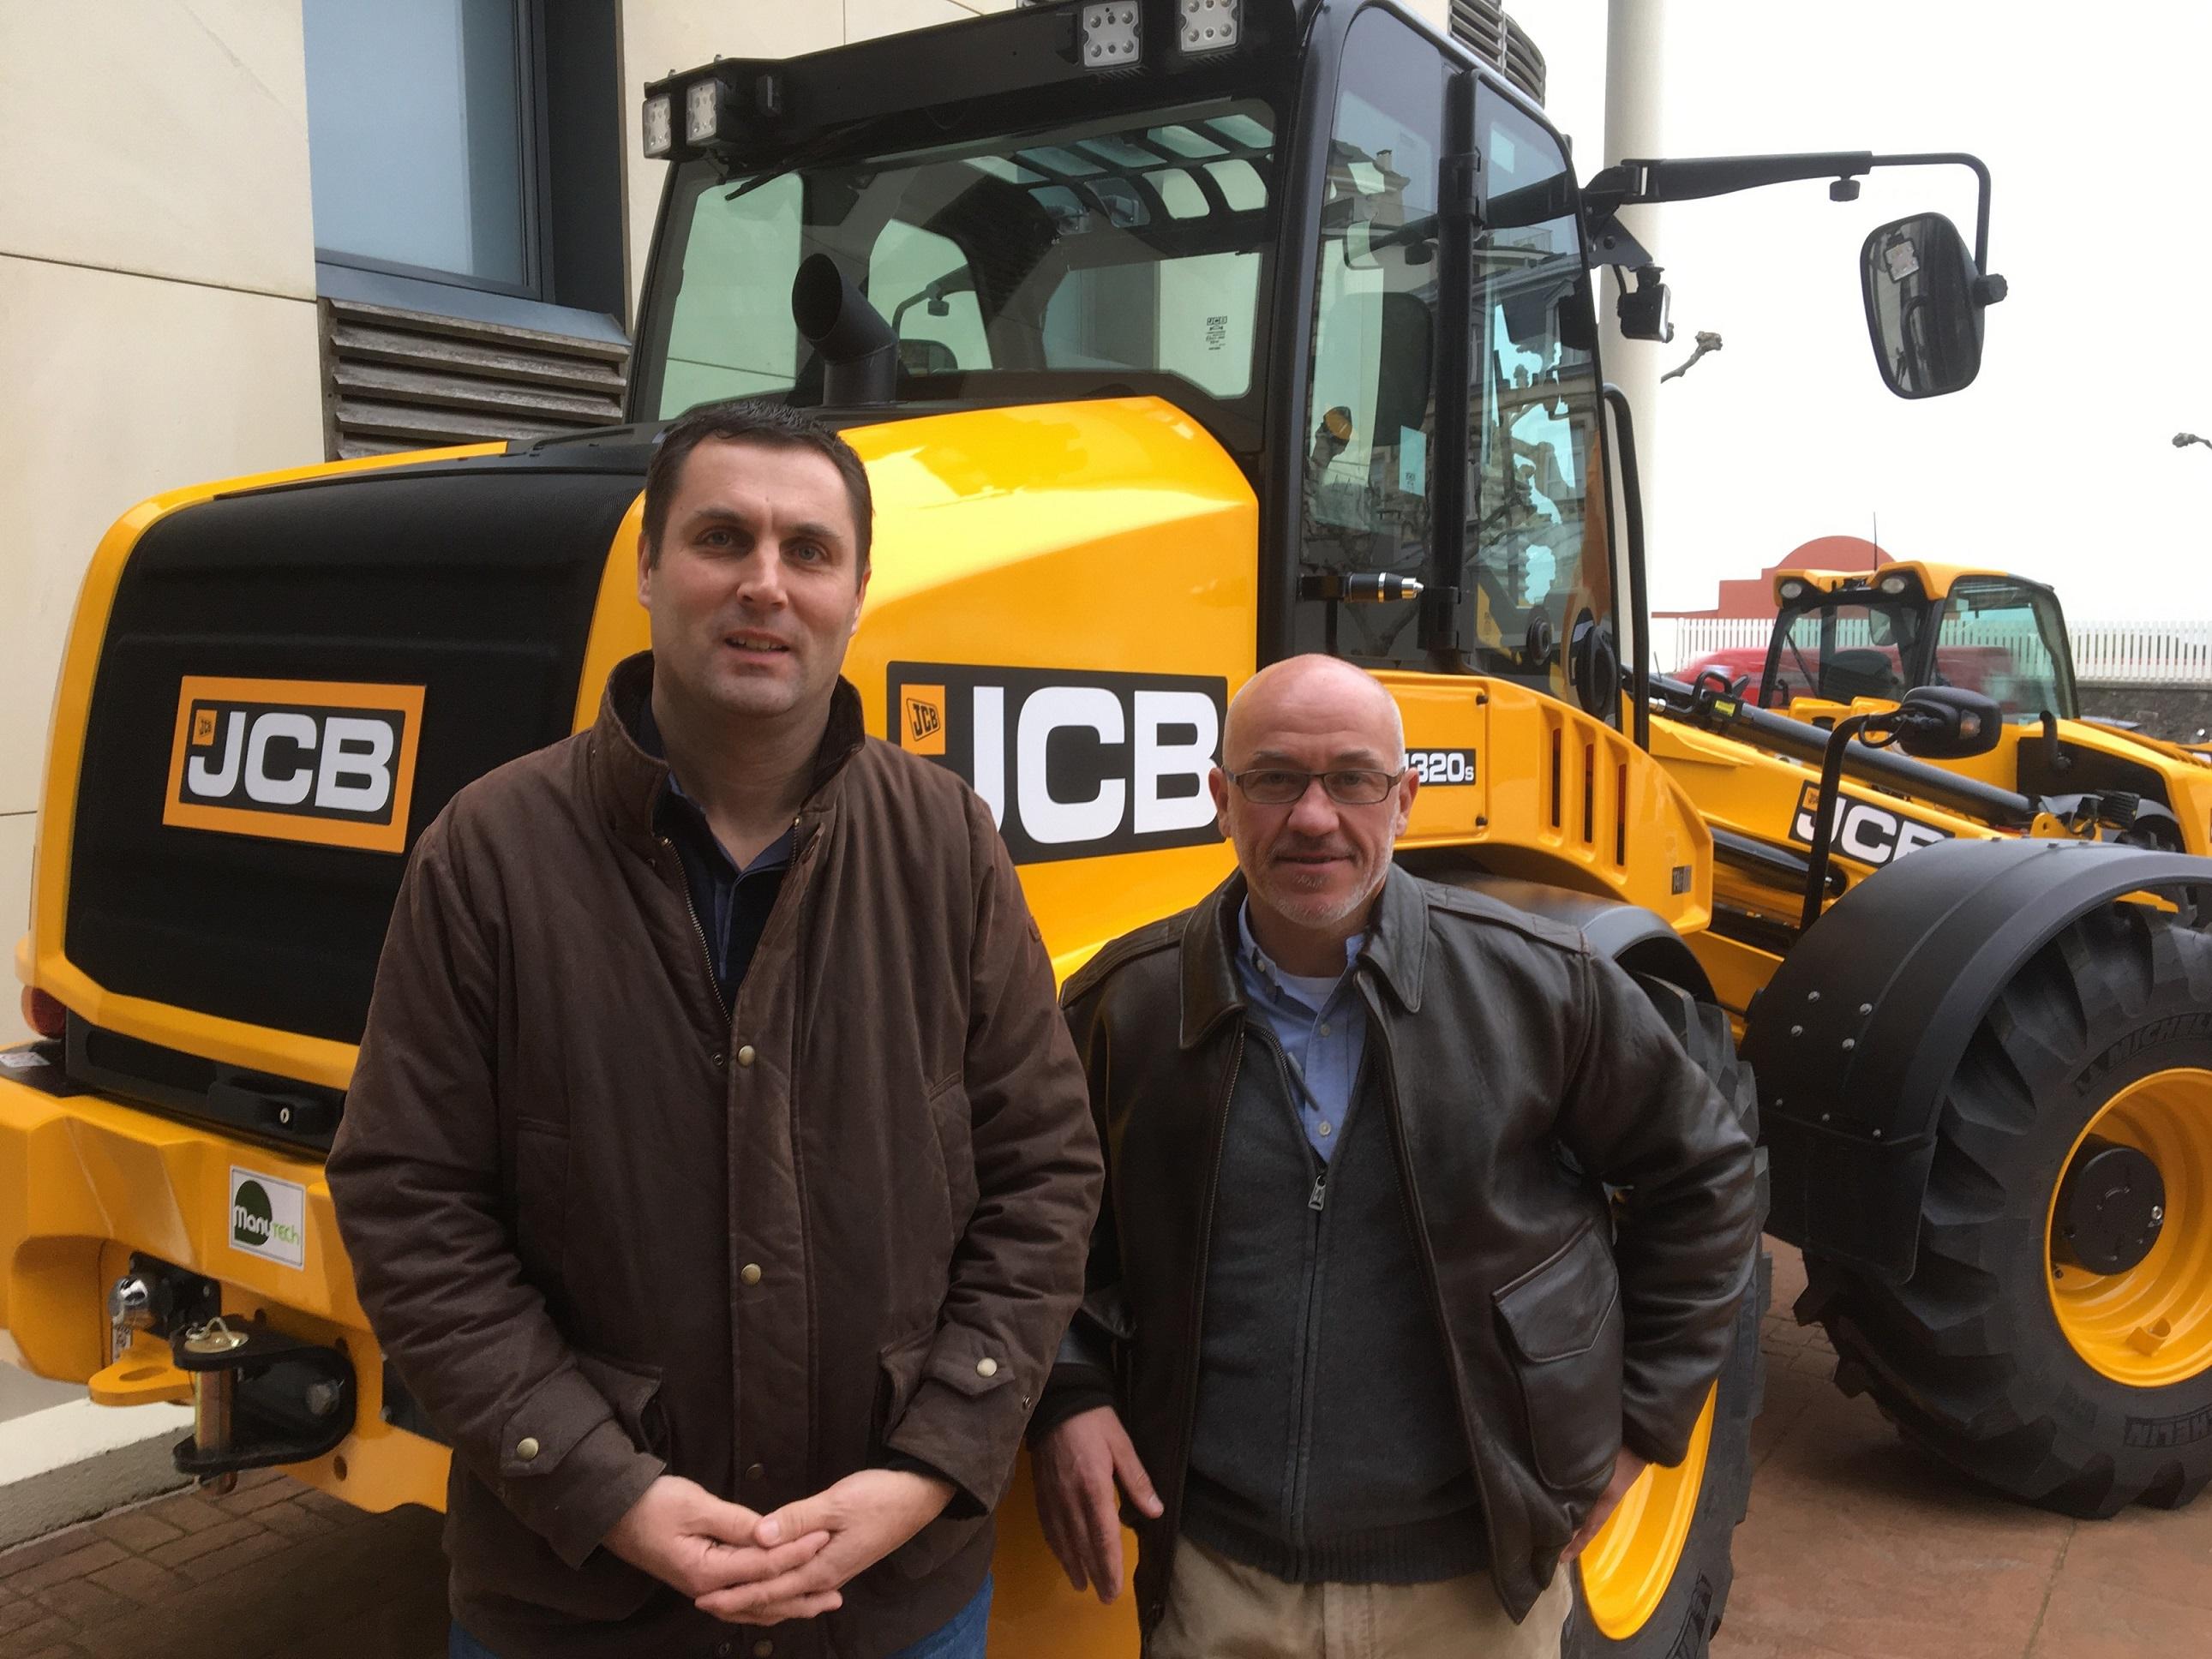 Depussay va distribuer la gamme JCB Agri sur un territoire étendu